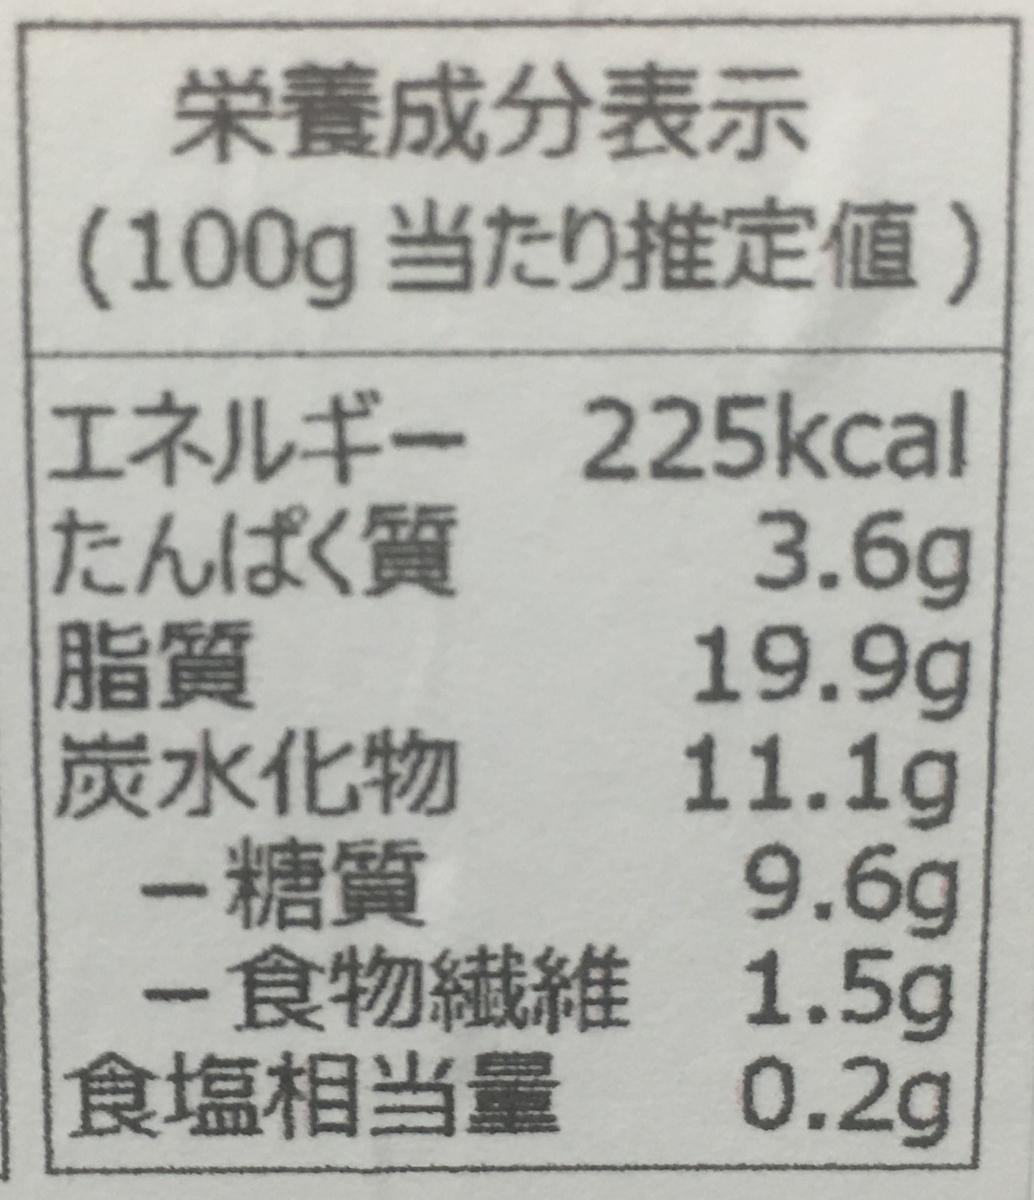 f:id:YOSHIO1010:20200504030250j:plain